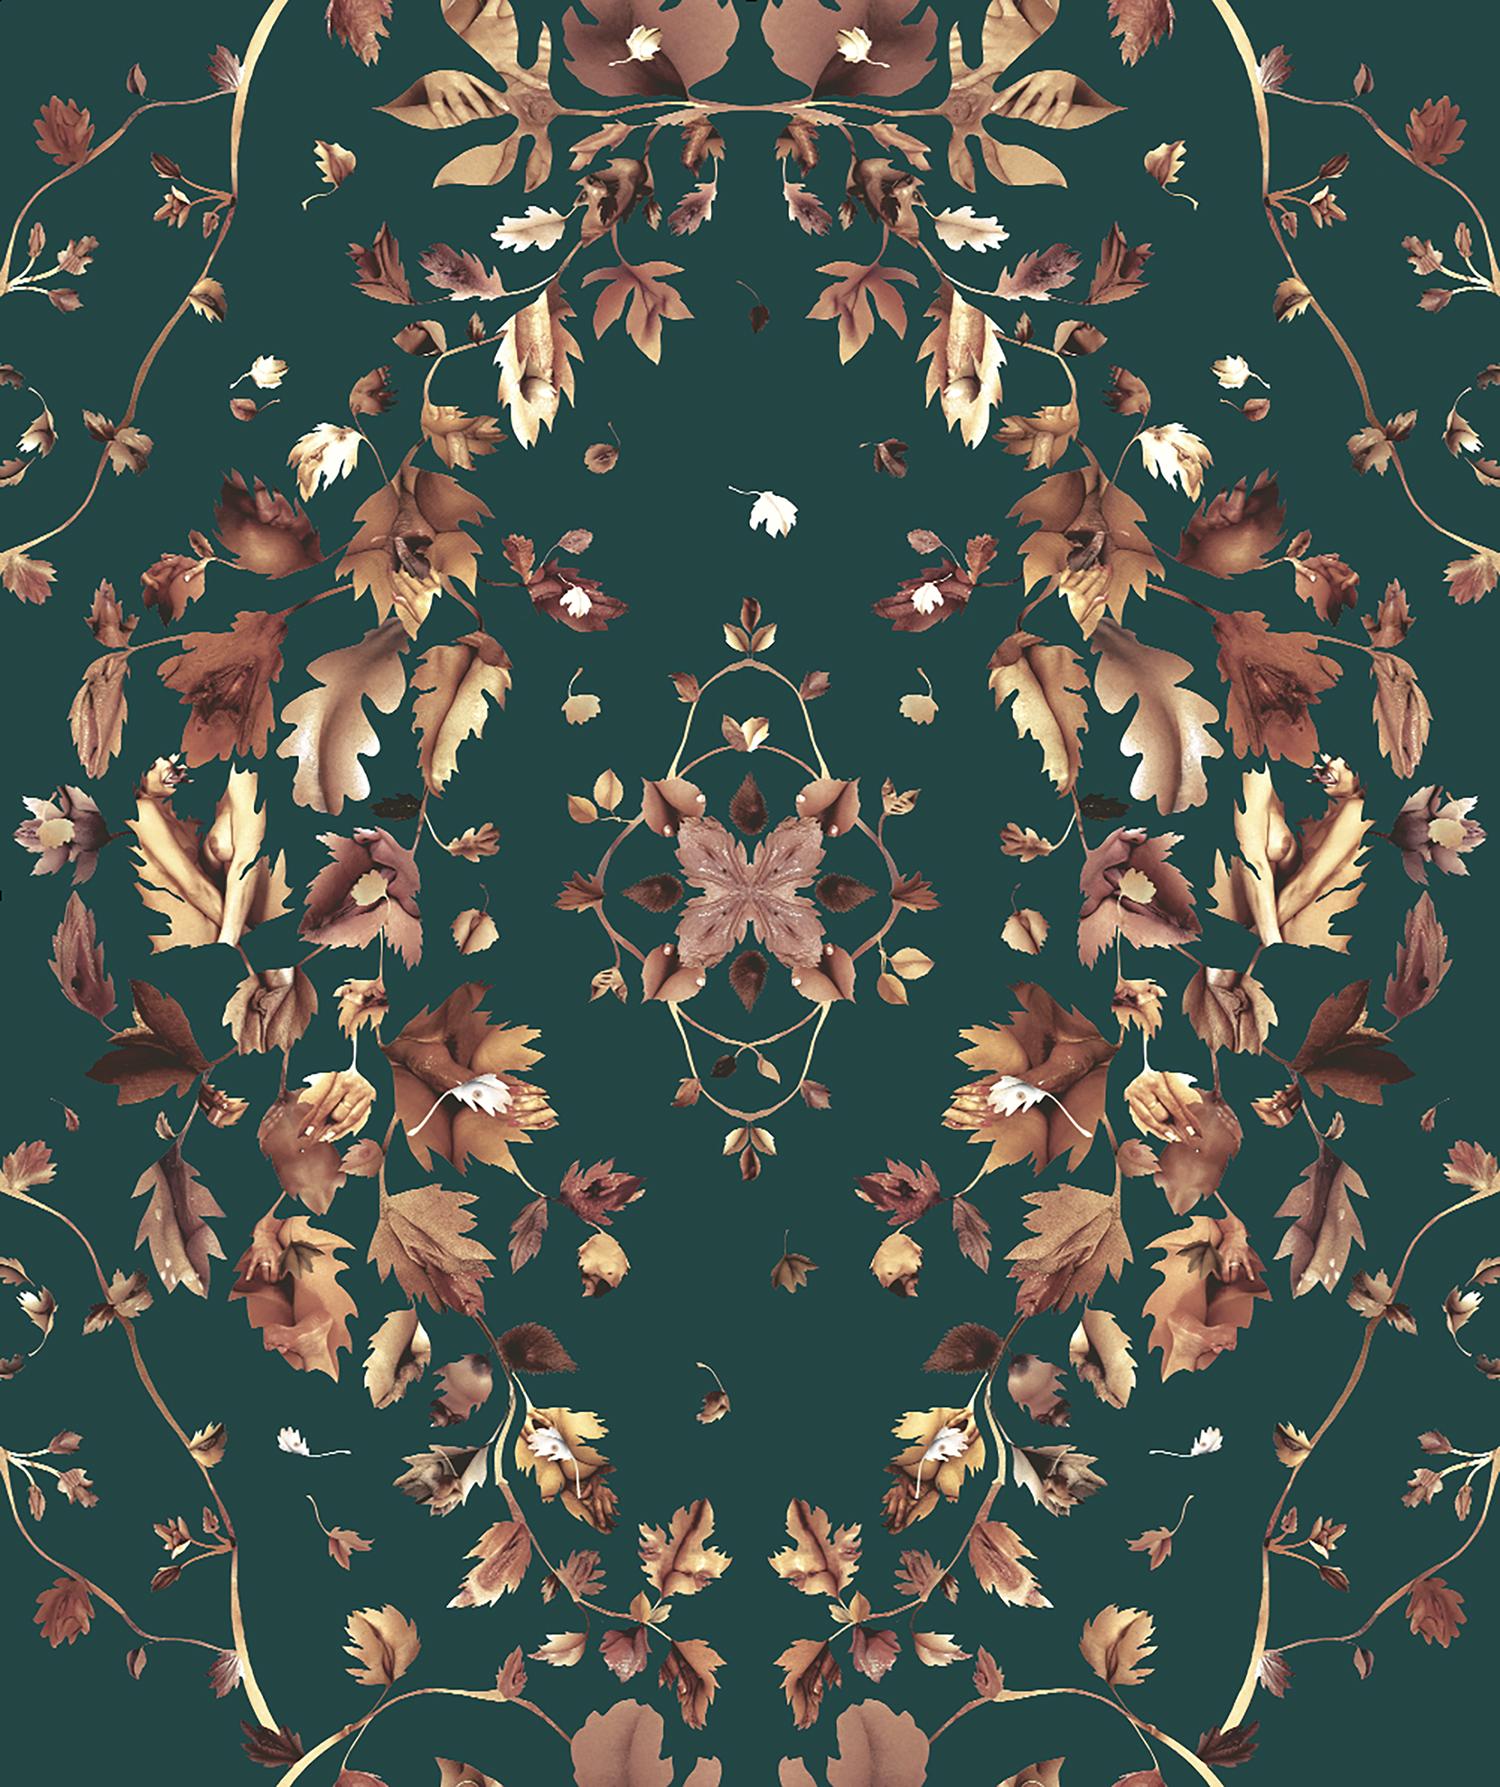 Wallpaper Final.jpg